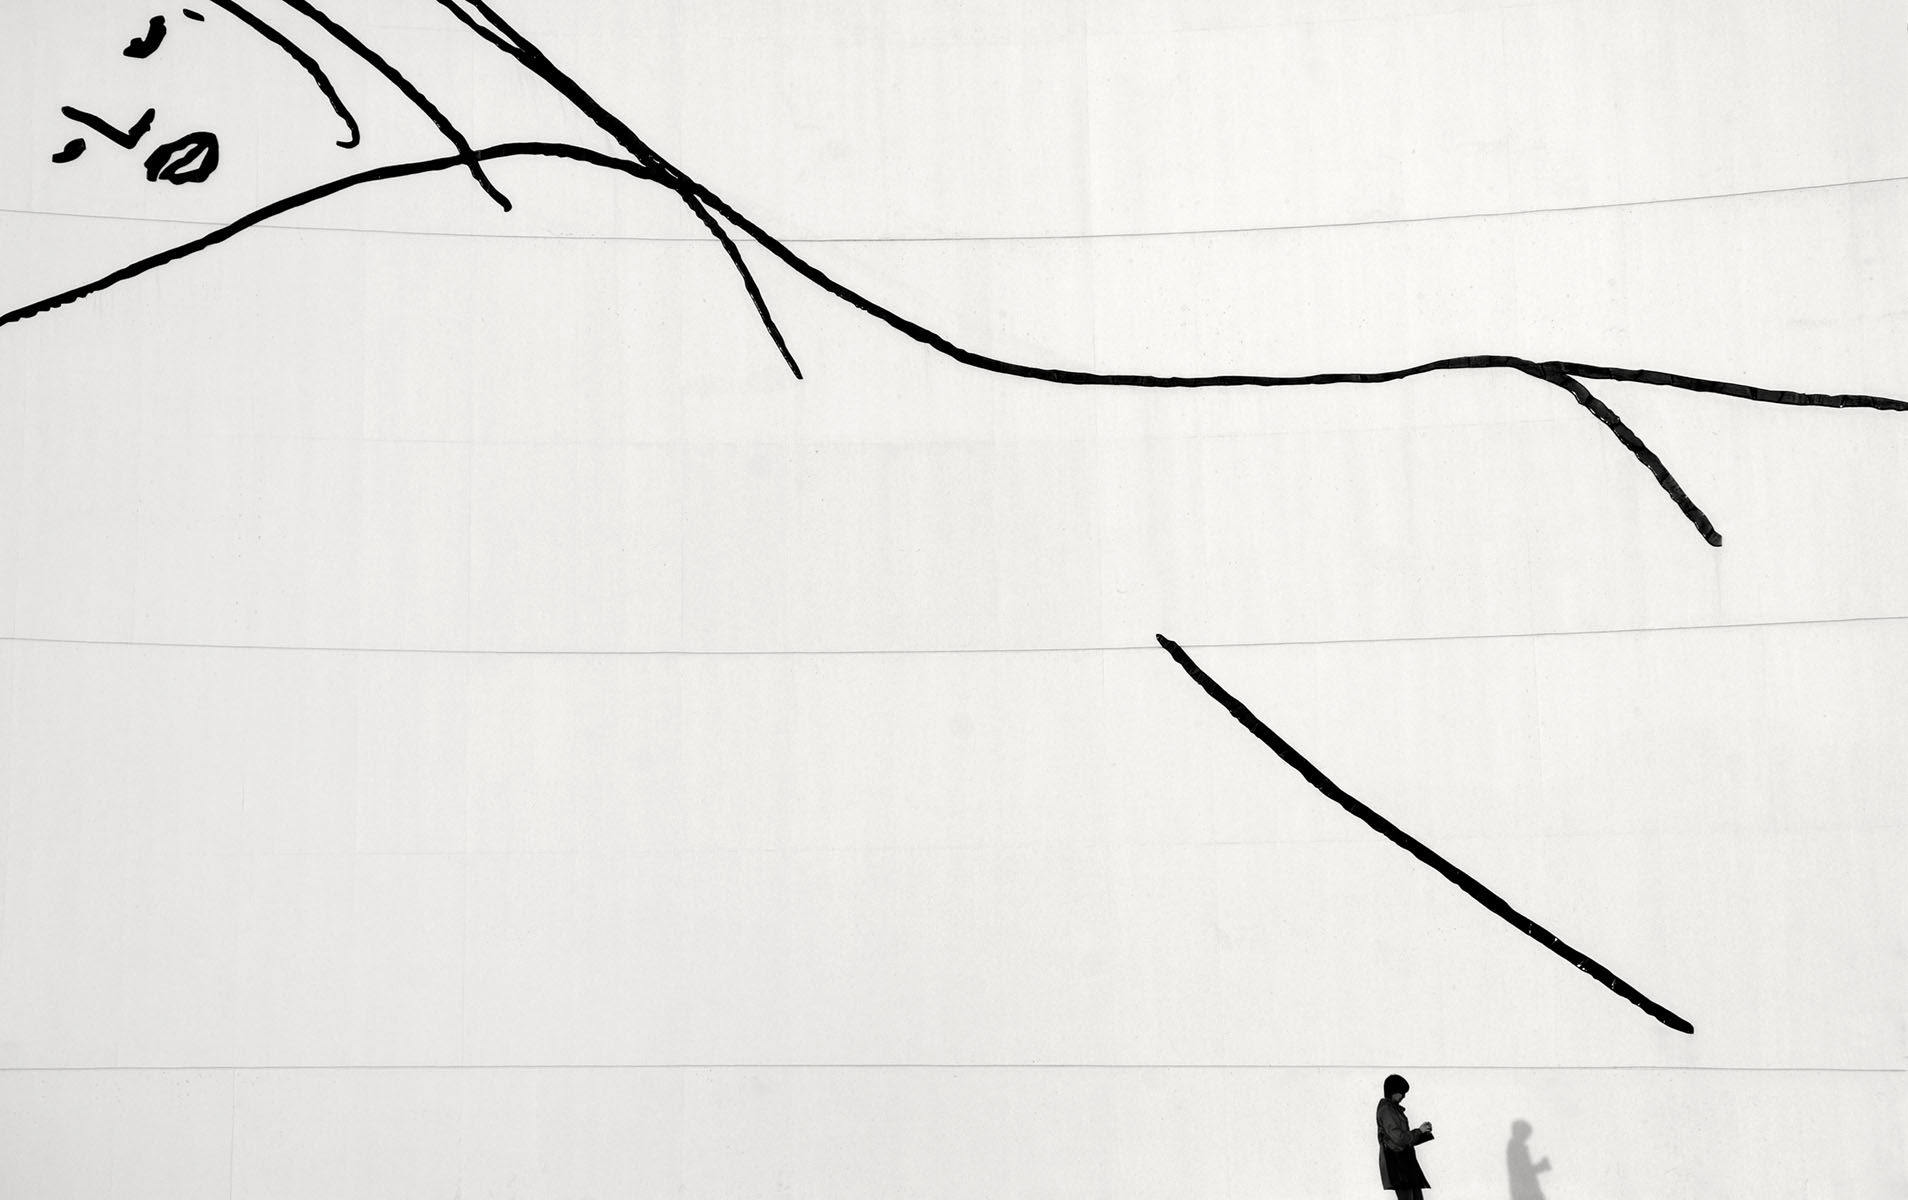 Niemeyer Center 2- arquitectura - ramon vaquero - fotografos vigo - pontevedra - galicia - españa